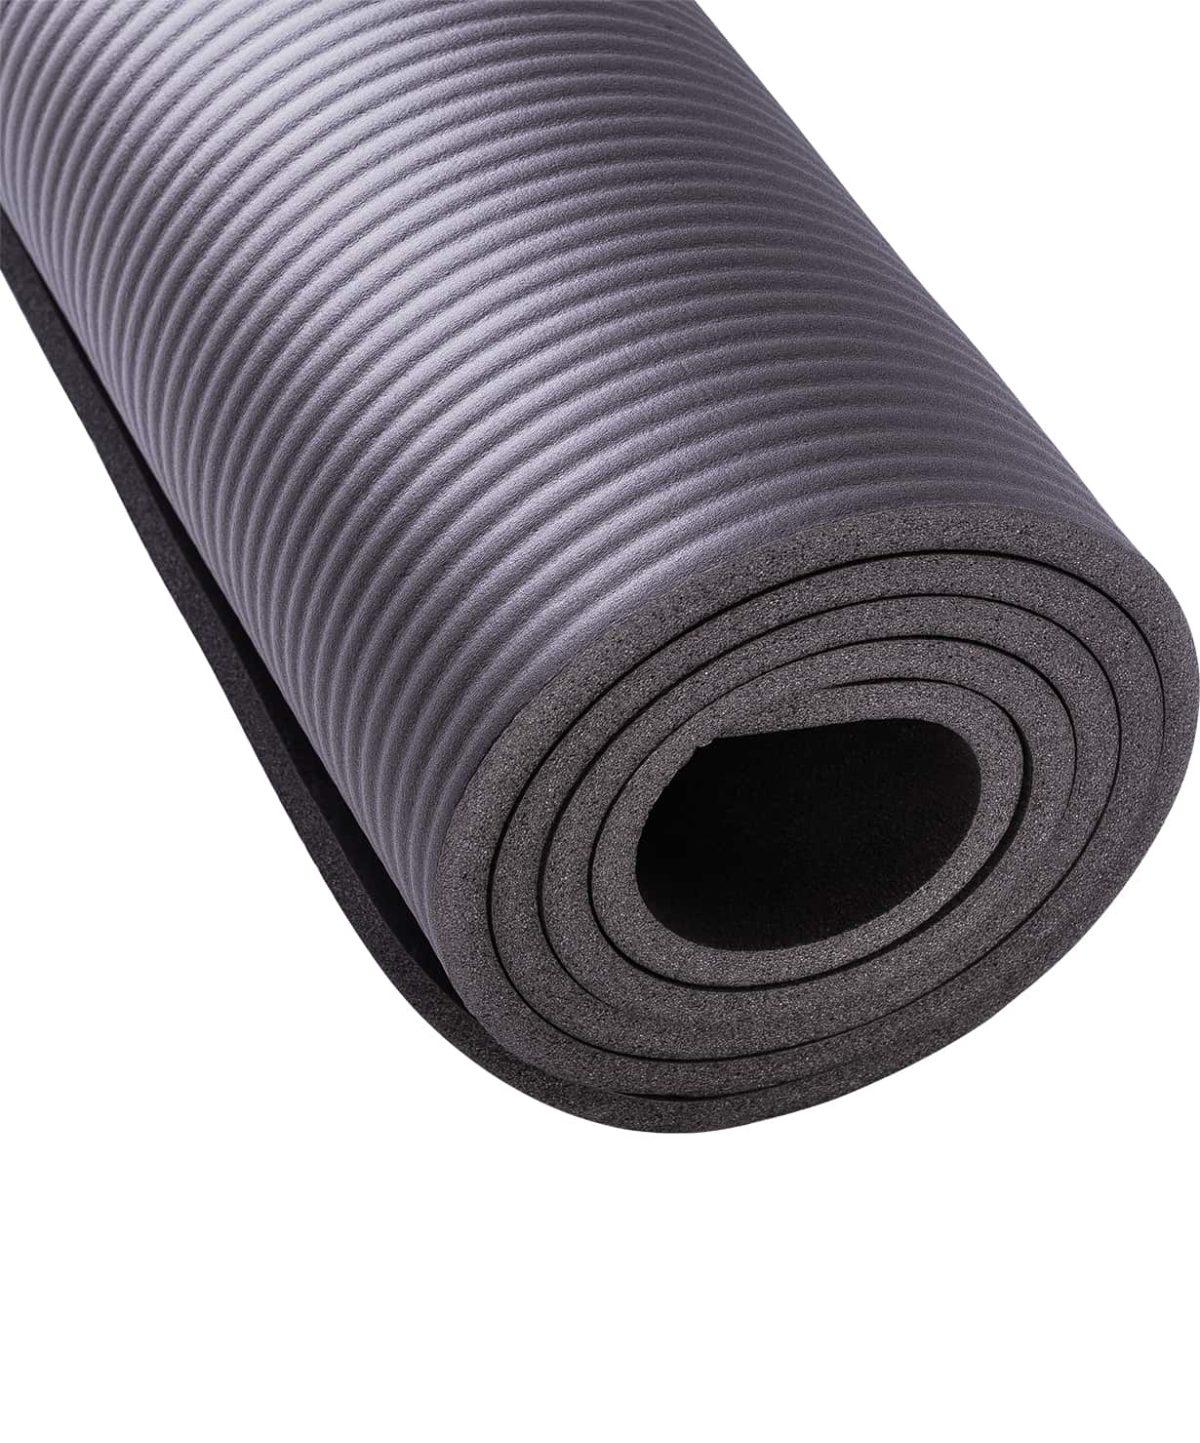 STARFIT Коврик для йоги FM-301 183х58х1,0 см: серый - 3